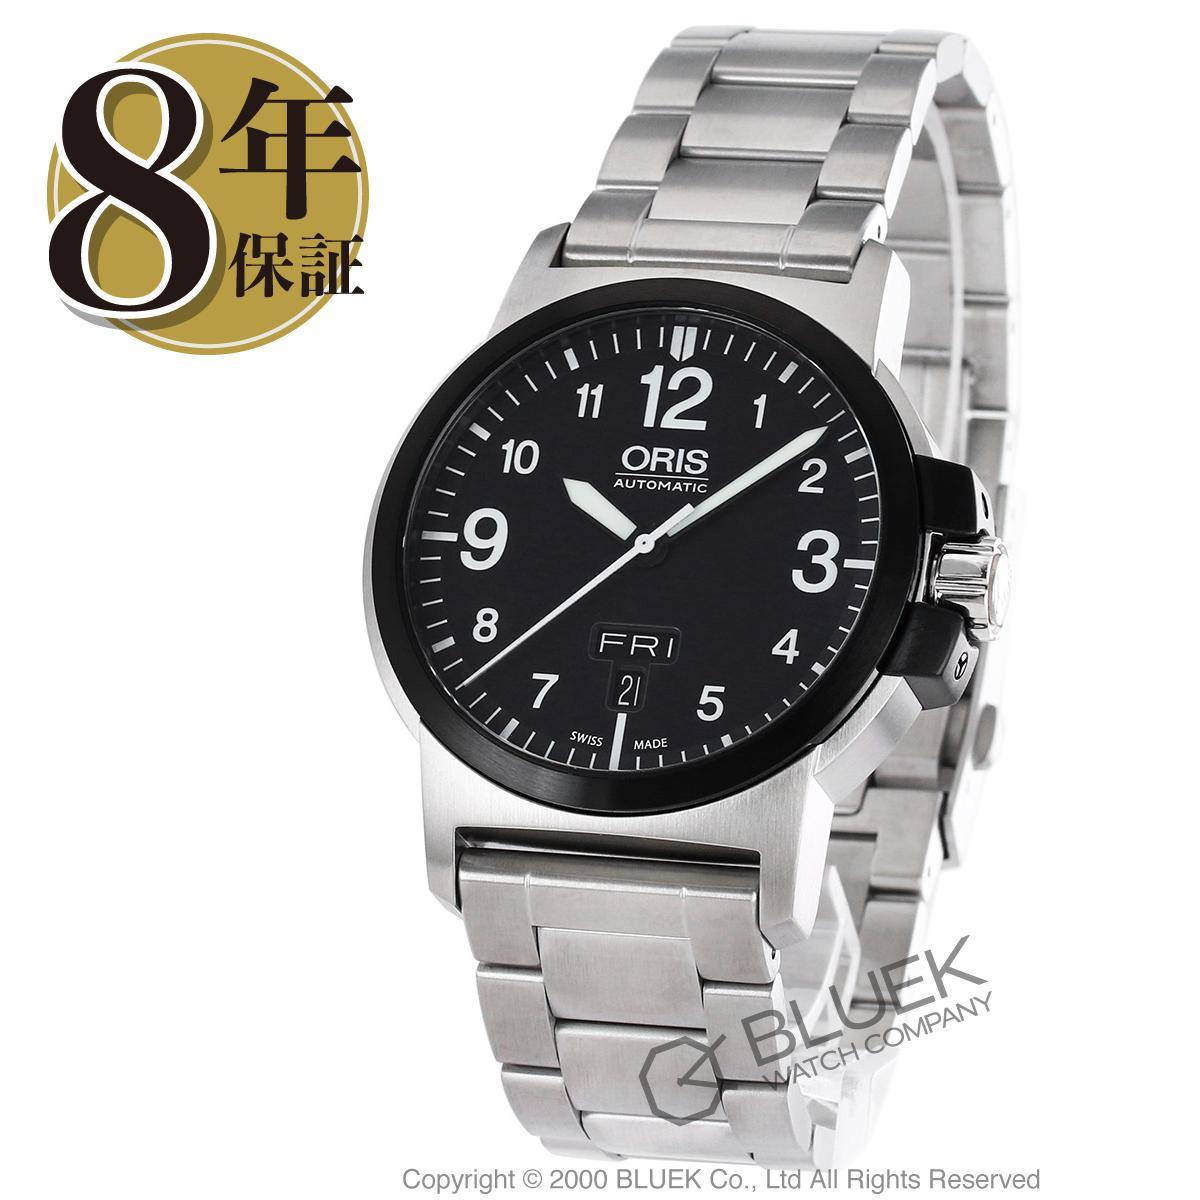 オリス ORIS 腕時計 BC3 アドバンスド メンズ 735 7641 4364M_8